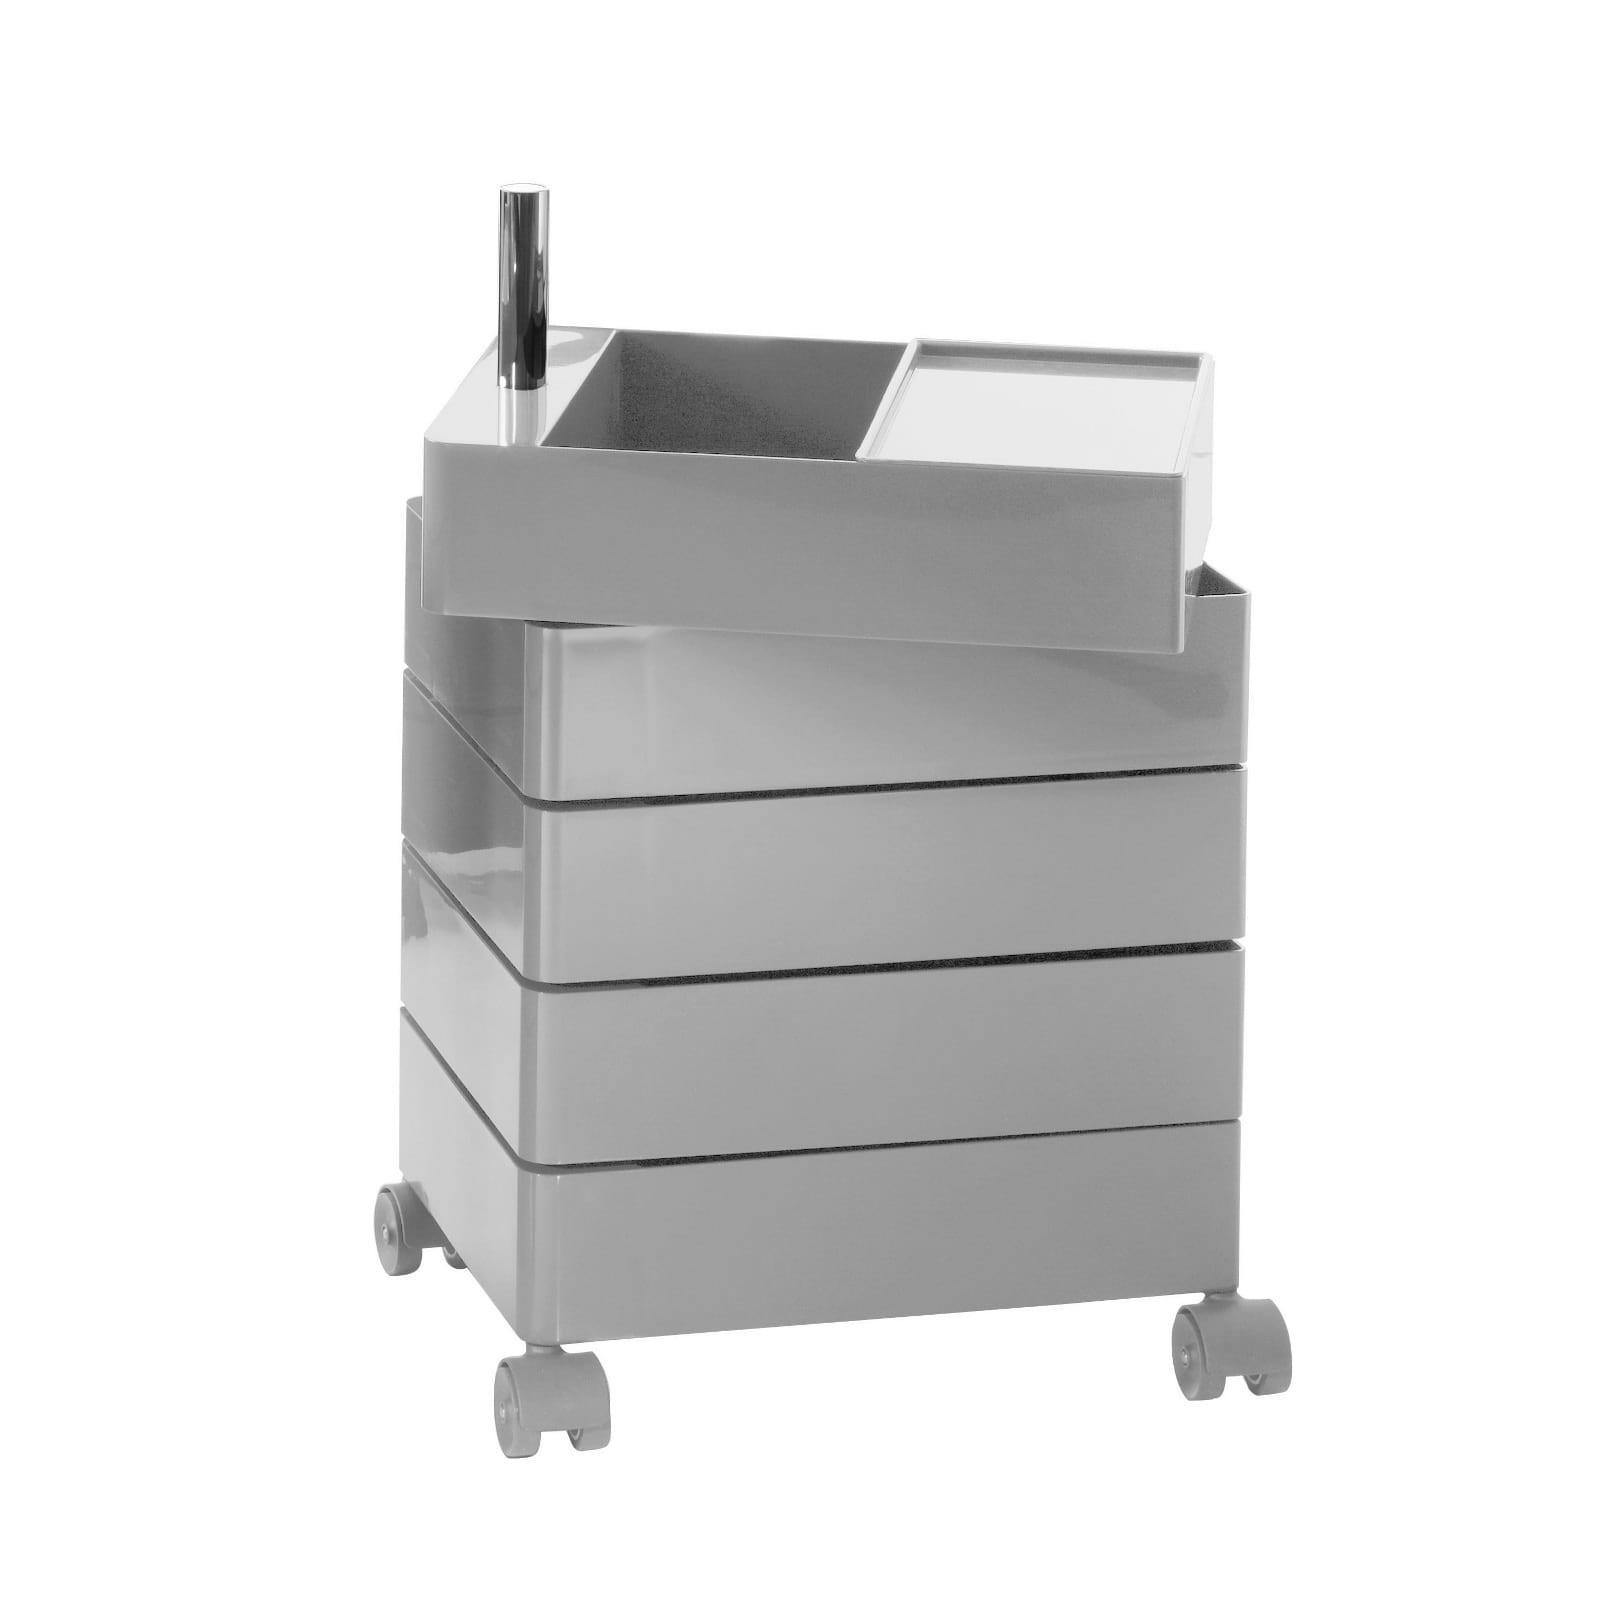 Τροχήλατη Συρταριέρα 360° Container με 5 Συρτάρια (Γκρι) - Magis